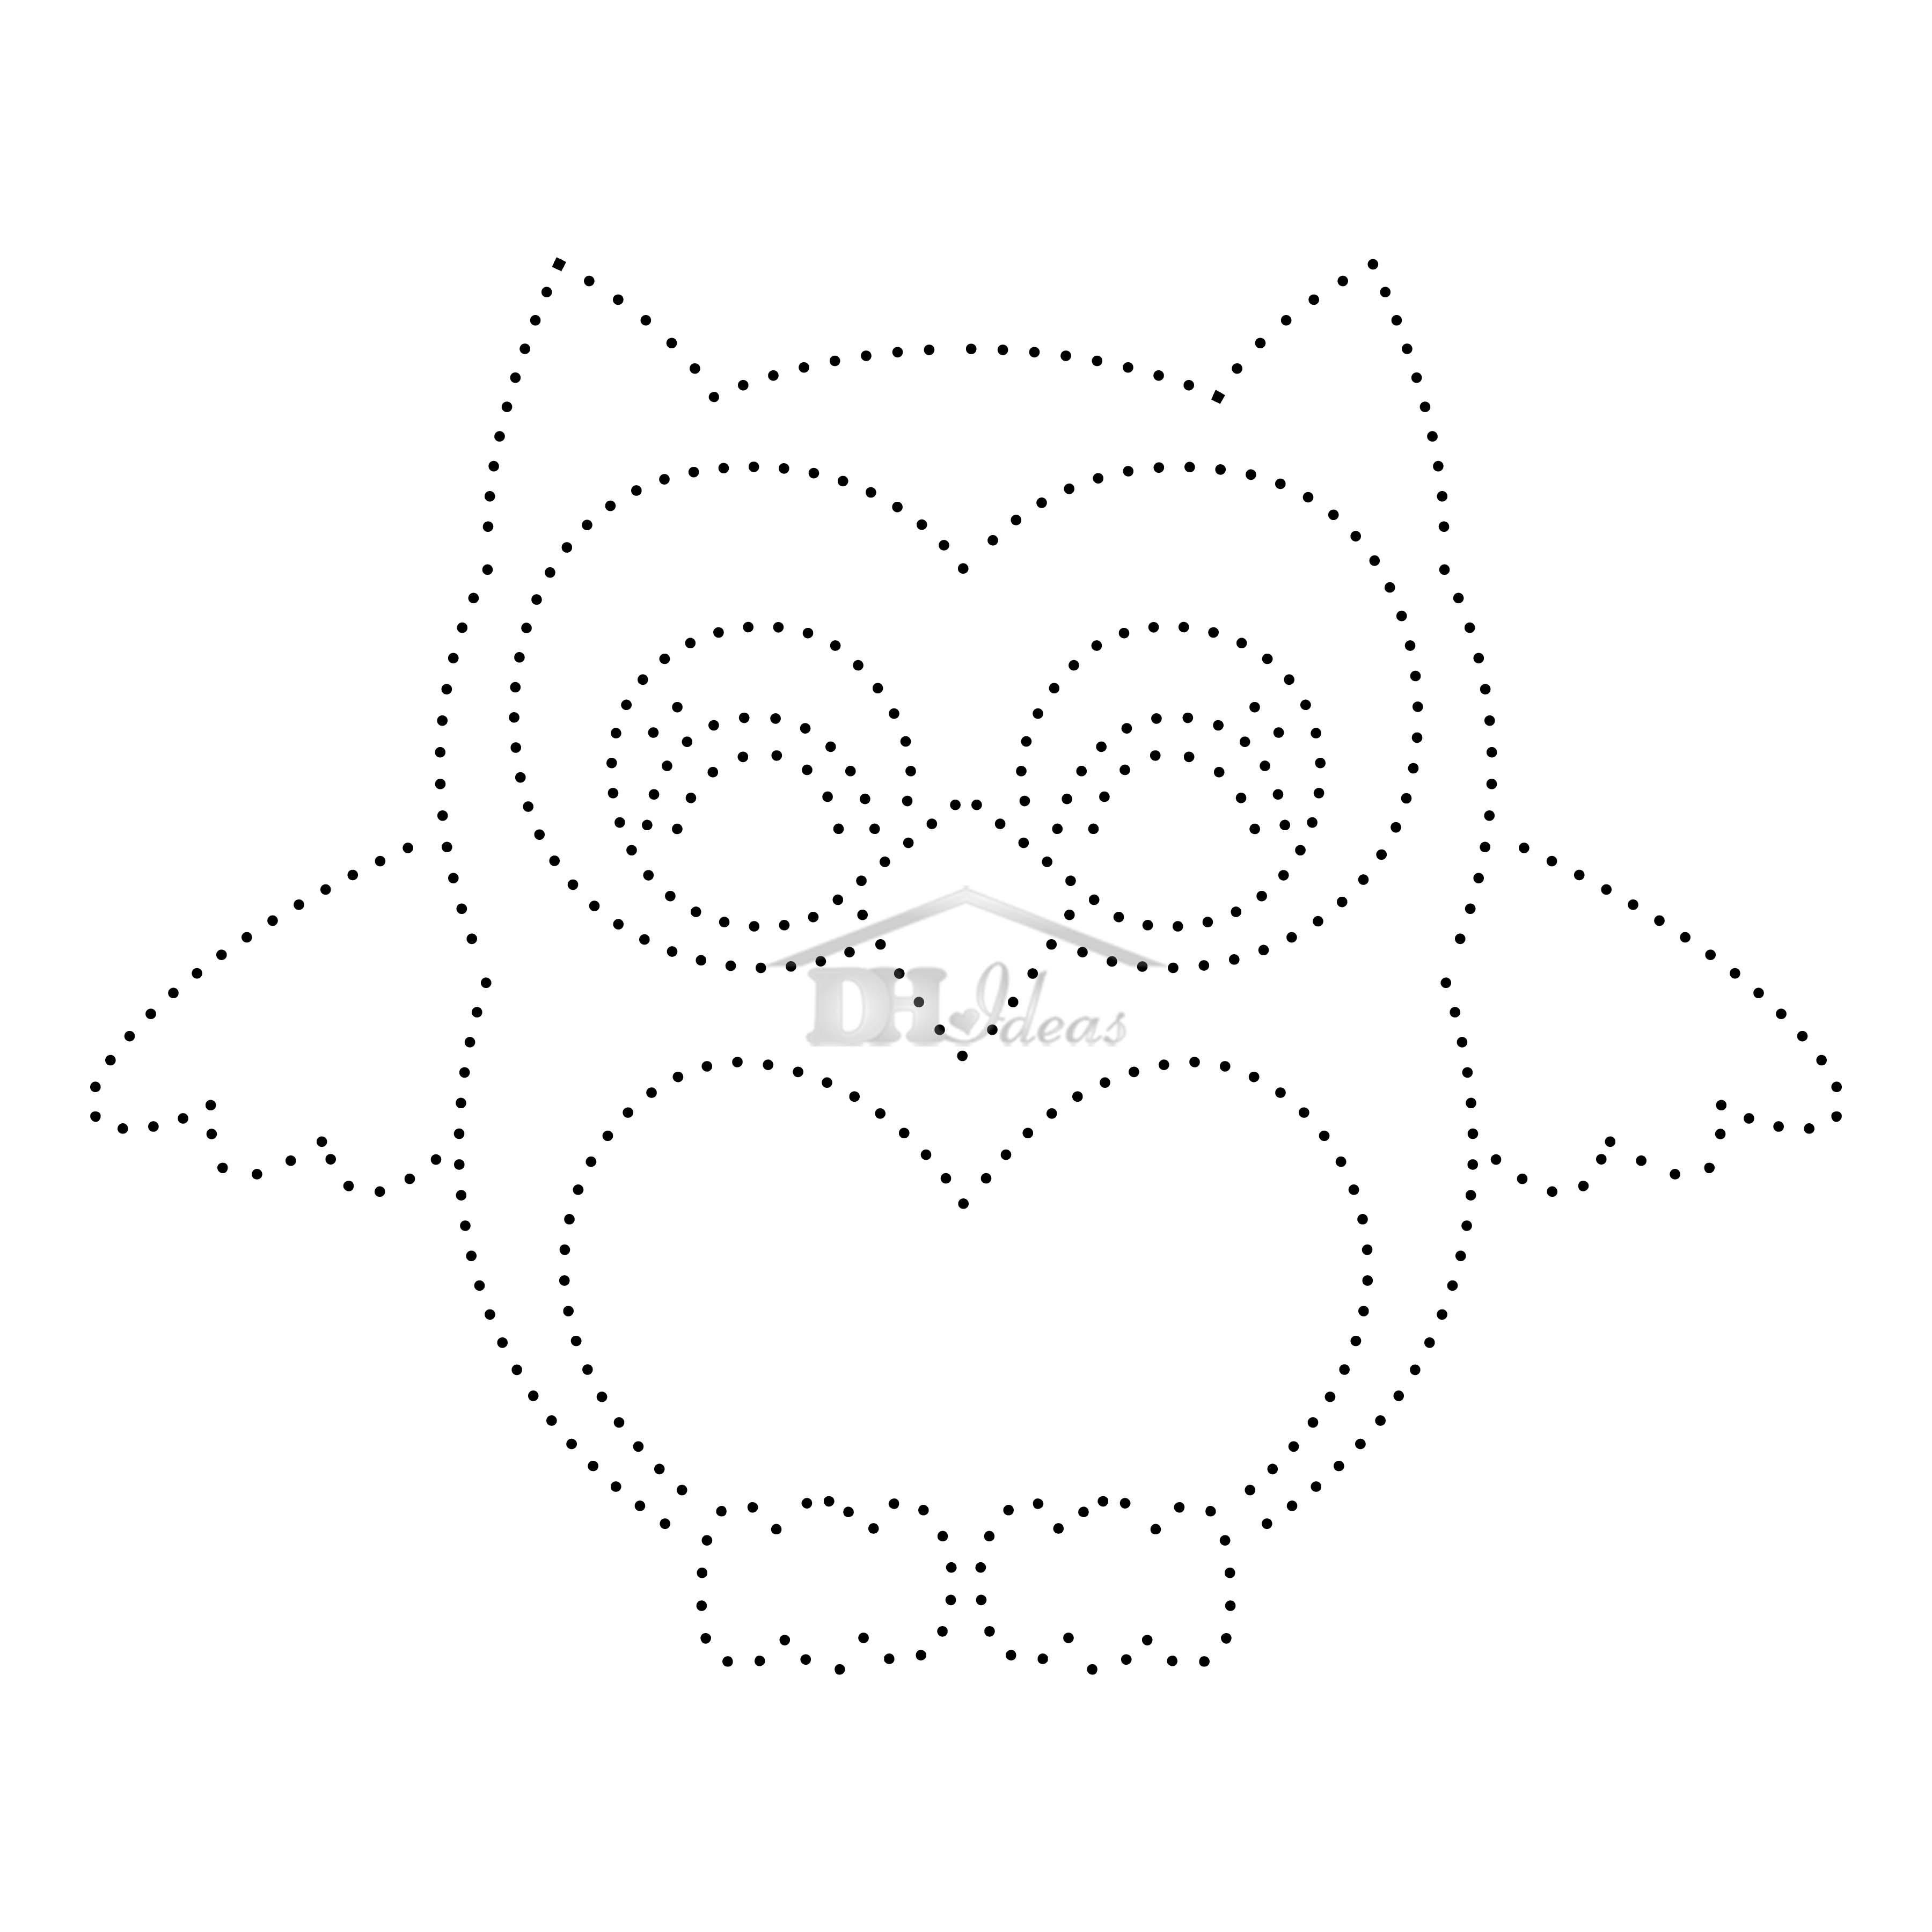 30 Free Printable String Art Patterns (Direct Download) - Free Printable String Art Patterns